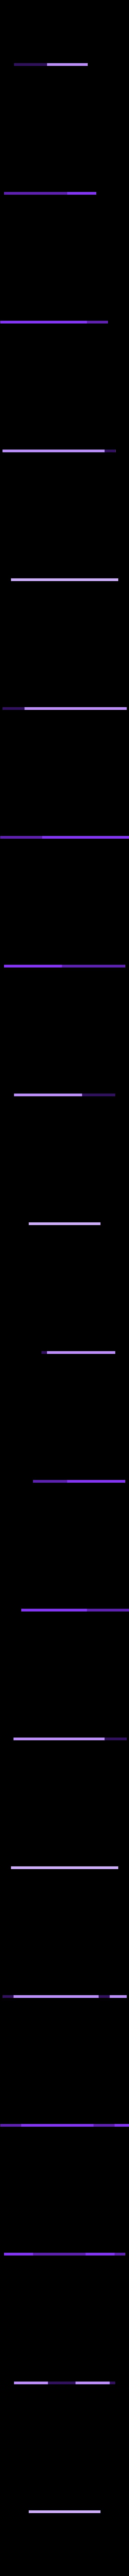 40k_9th_ed_measure_tool_-_Tau_v1.stl Télécharger fichier STL gratuit Un outil de mesure rigide Warhammer 40k pour la 9ème édition • Objet pour imprimante 3D, seanbaker408